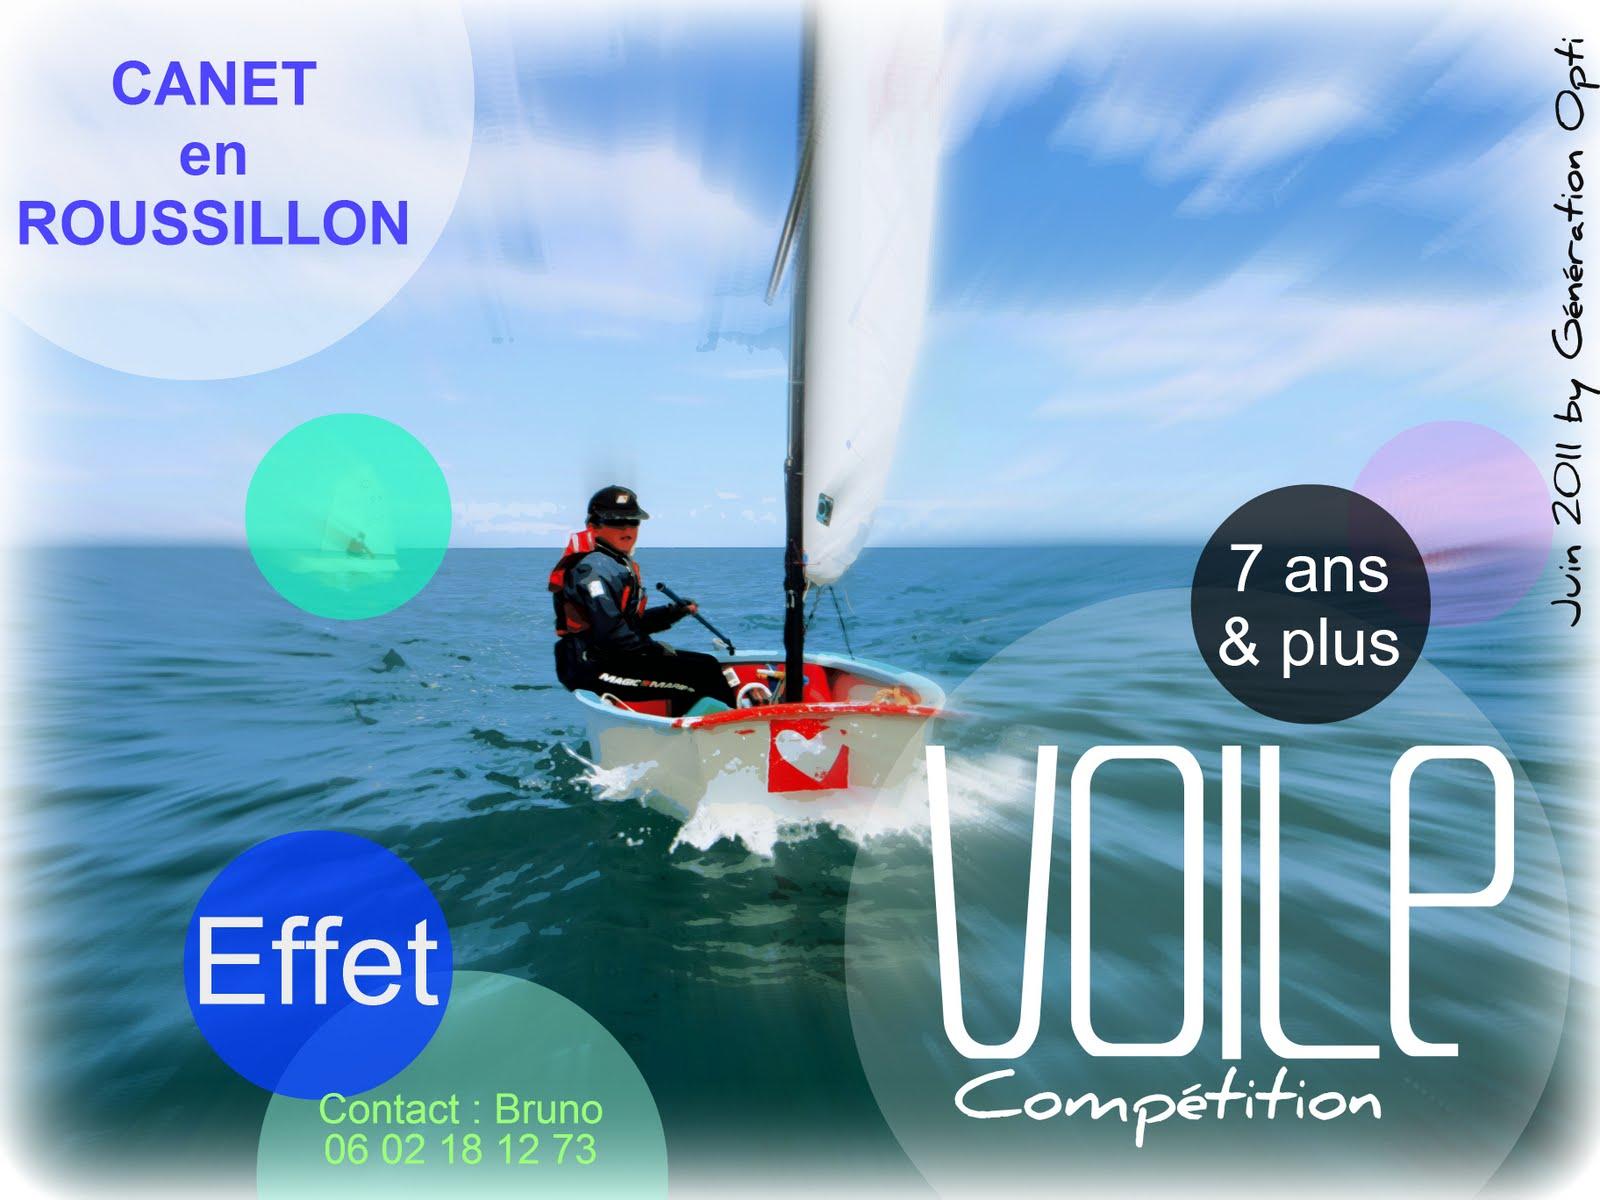 inscription voile compétition optimist 66 Canet-en-Roussillon